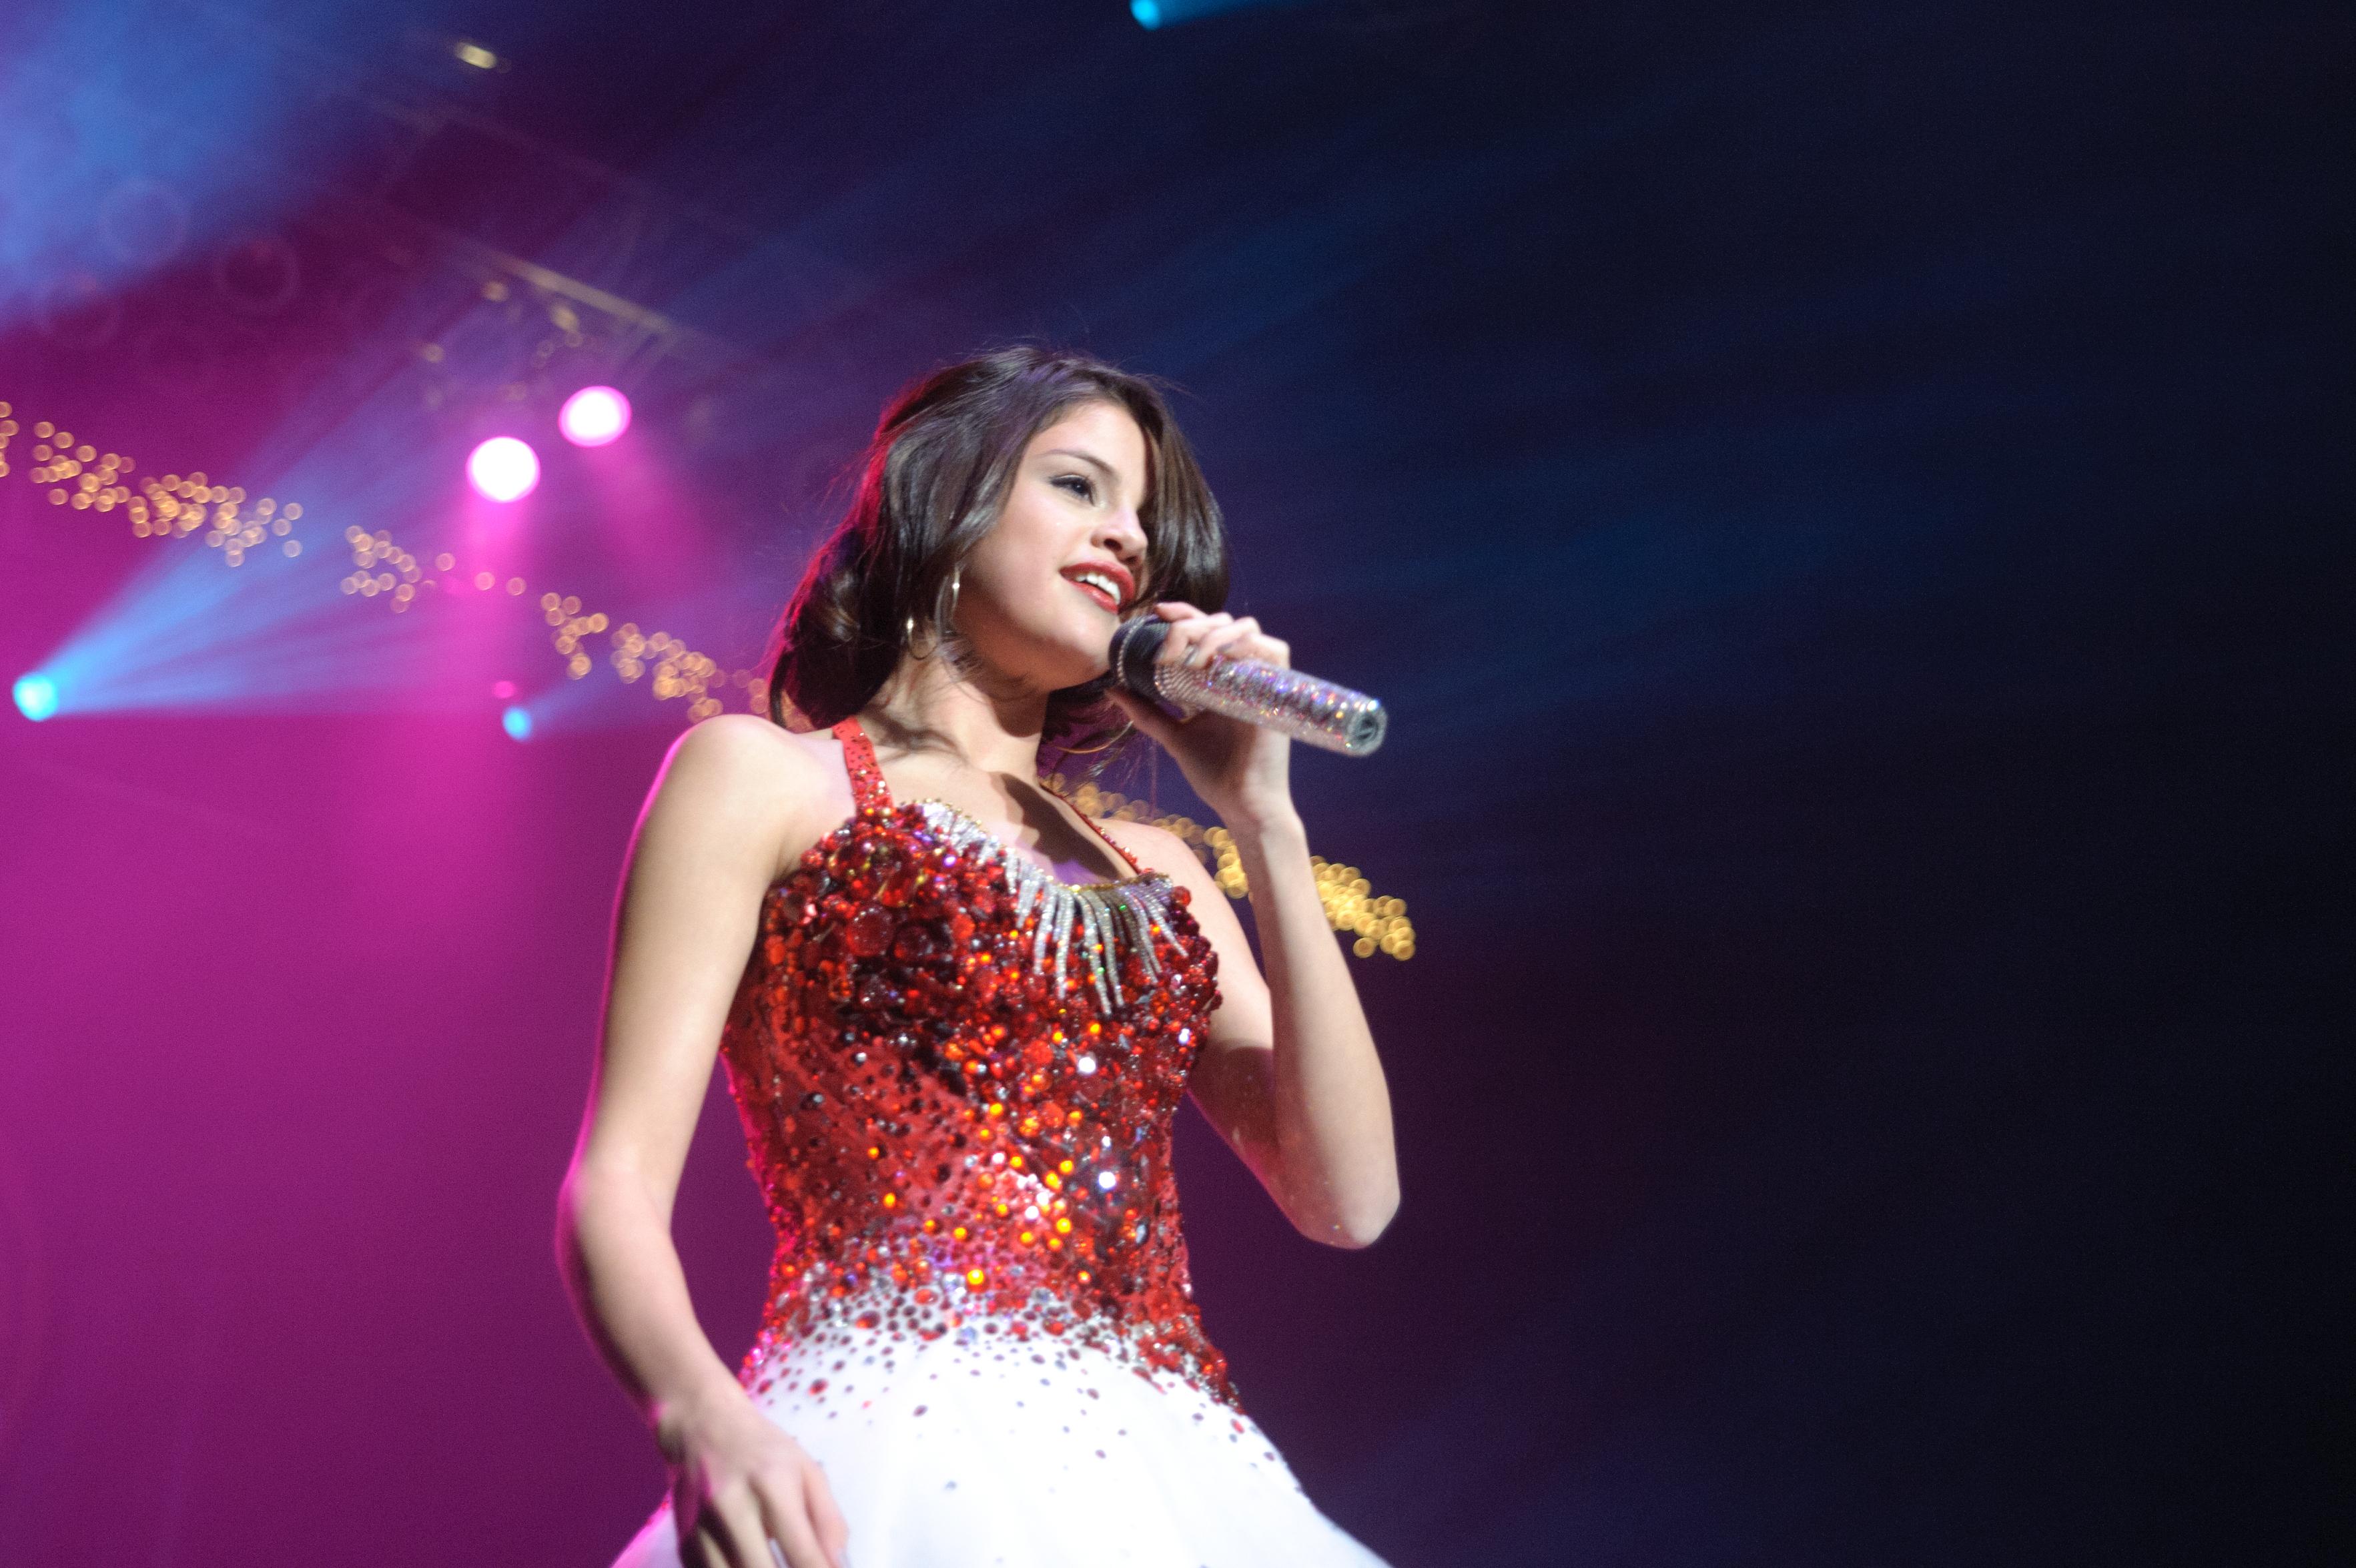 Selena Gomez är bara 24 år men har redan en lång karriär bakom sig som såväl sångerska som skådespelerska. Foto: Randy Miramontez